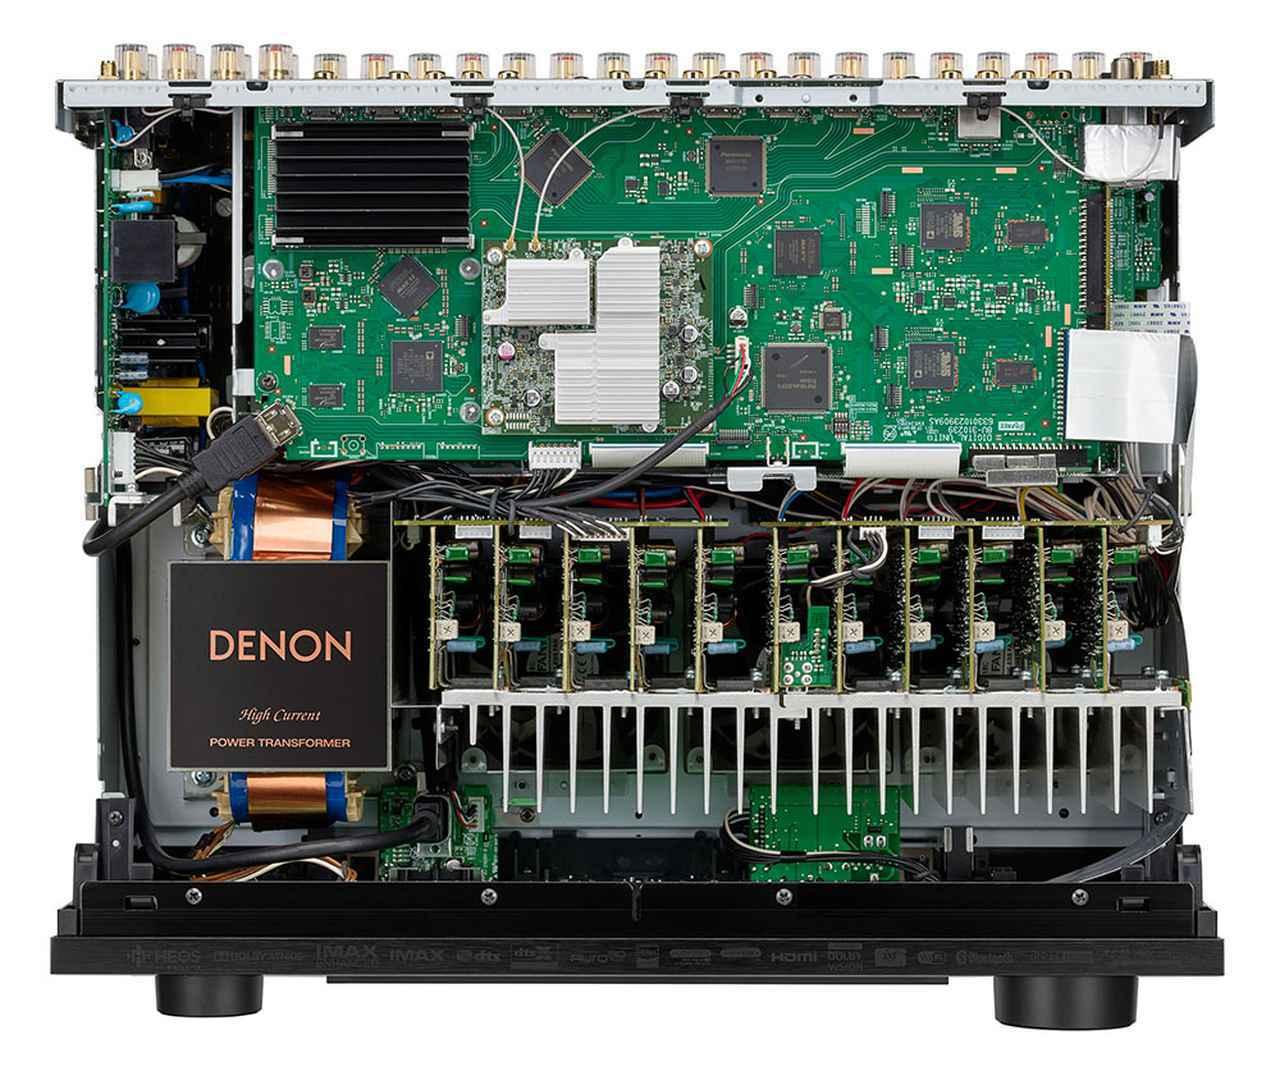 画像: X6700Hの内部構造。写真右側手前に11chぶんのパワーアンプ基板が並んでいる